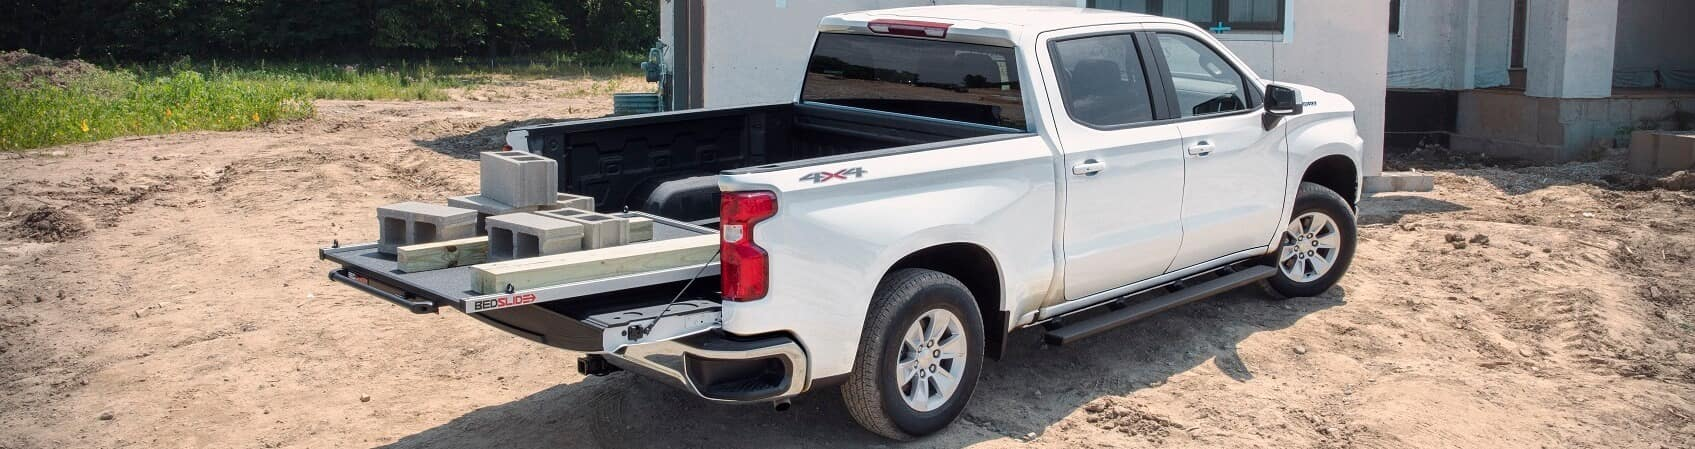 2020 CHEVY SILVERADO VS GMC SIERRA 1500